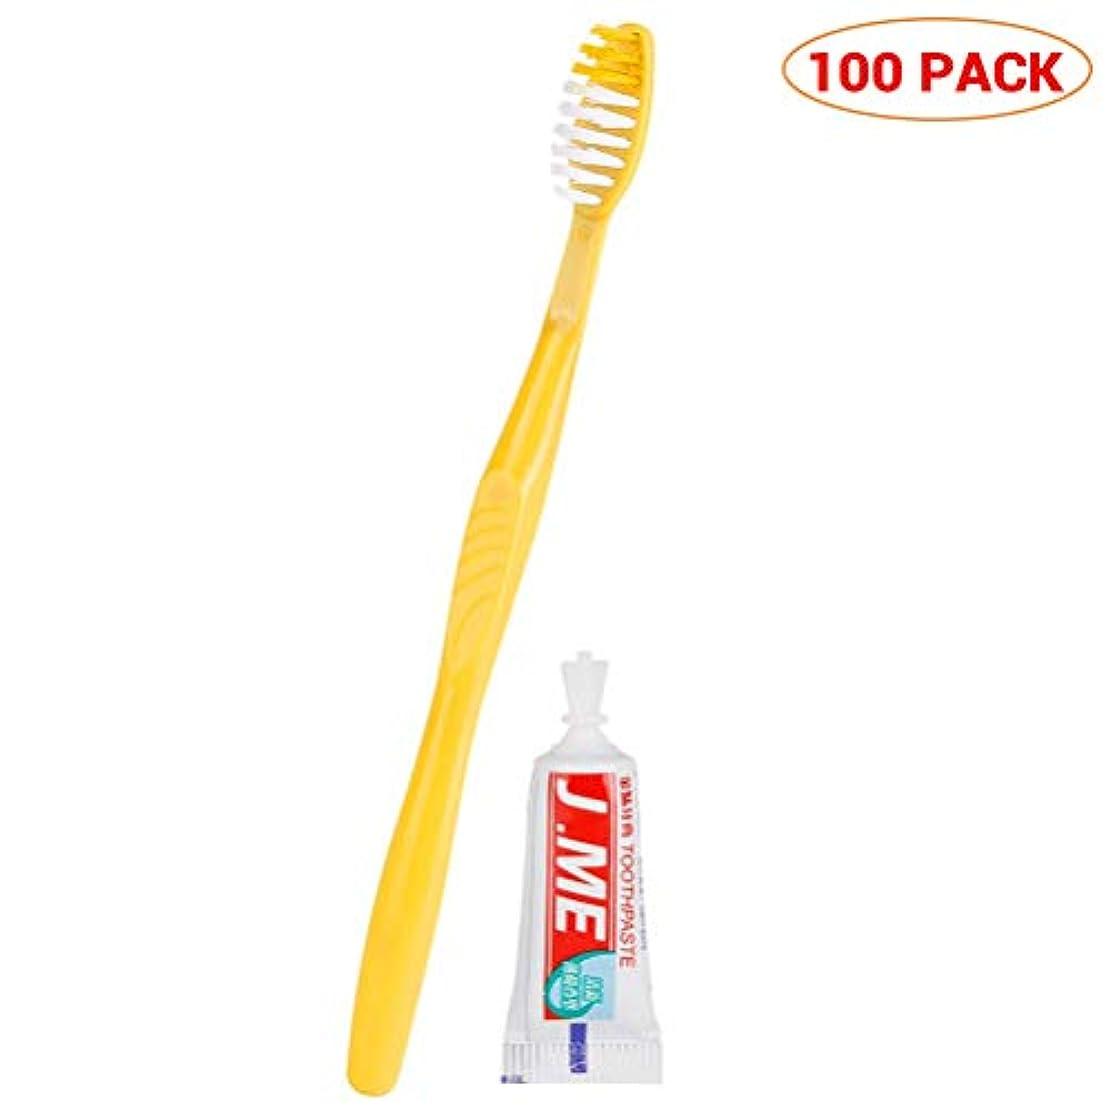 納得させる柔和写真を撮る歯磨き粉付き使い捨て歯ブラシ、100パック